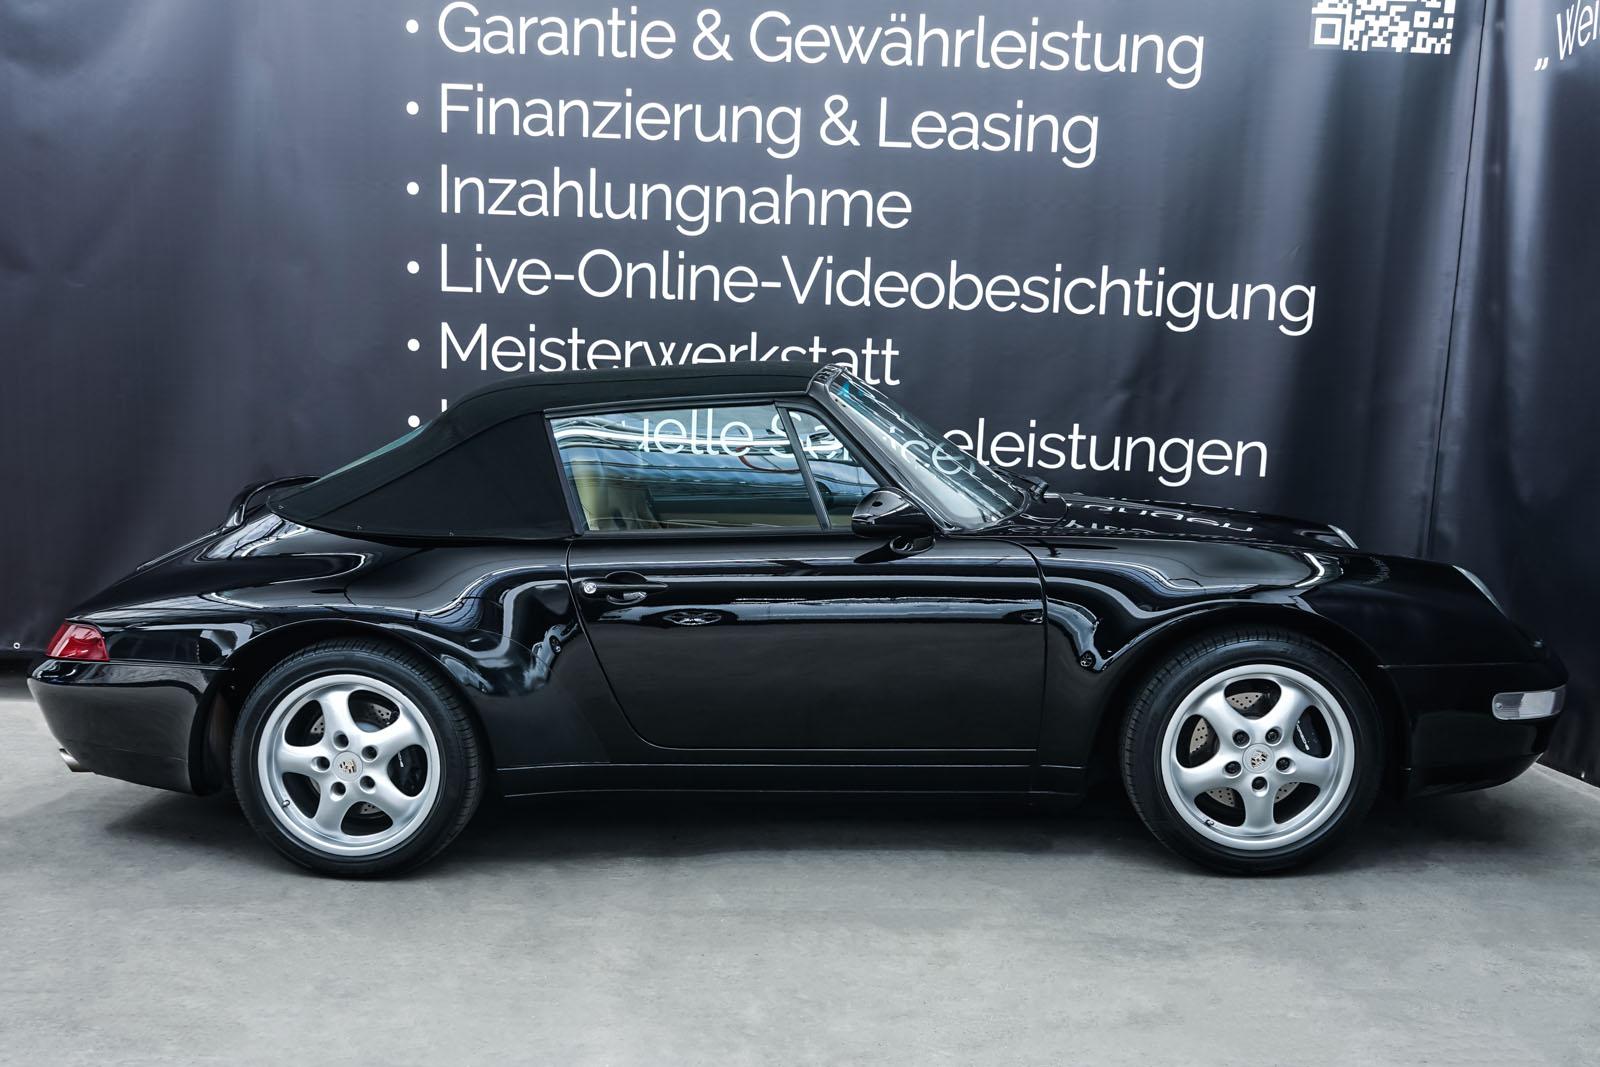 Porsche_993_C2_Cabrio_Black_Beige_POR-0137_19_w